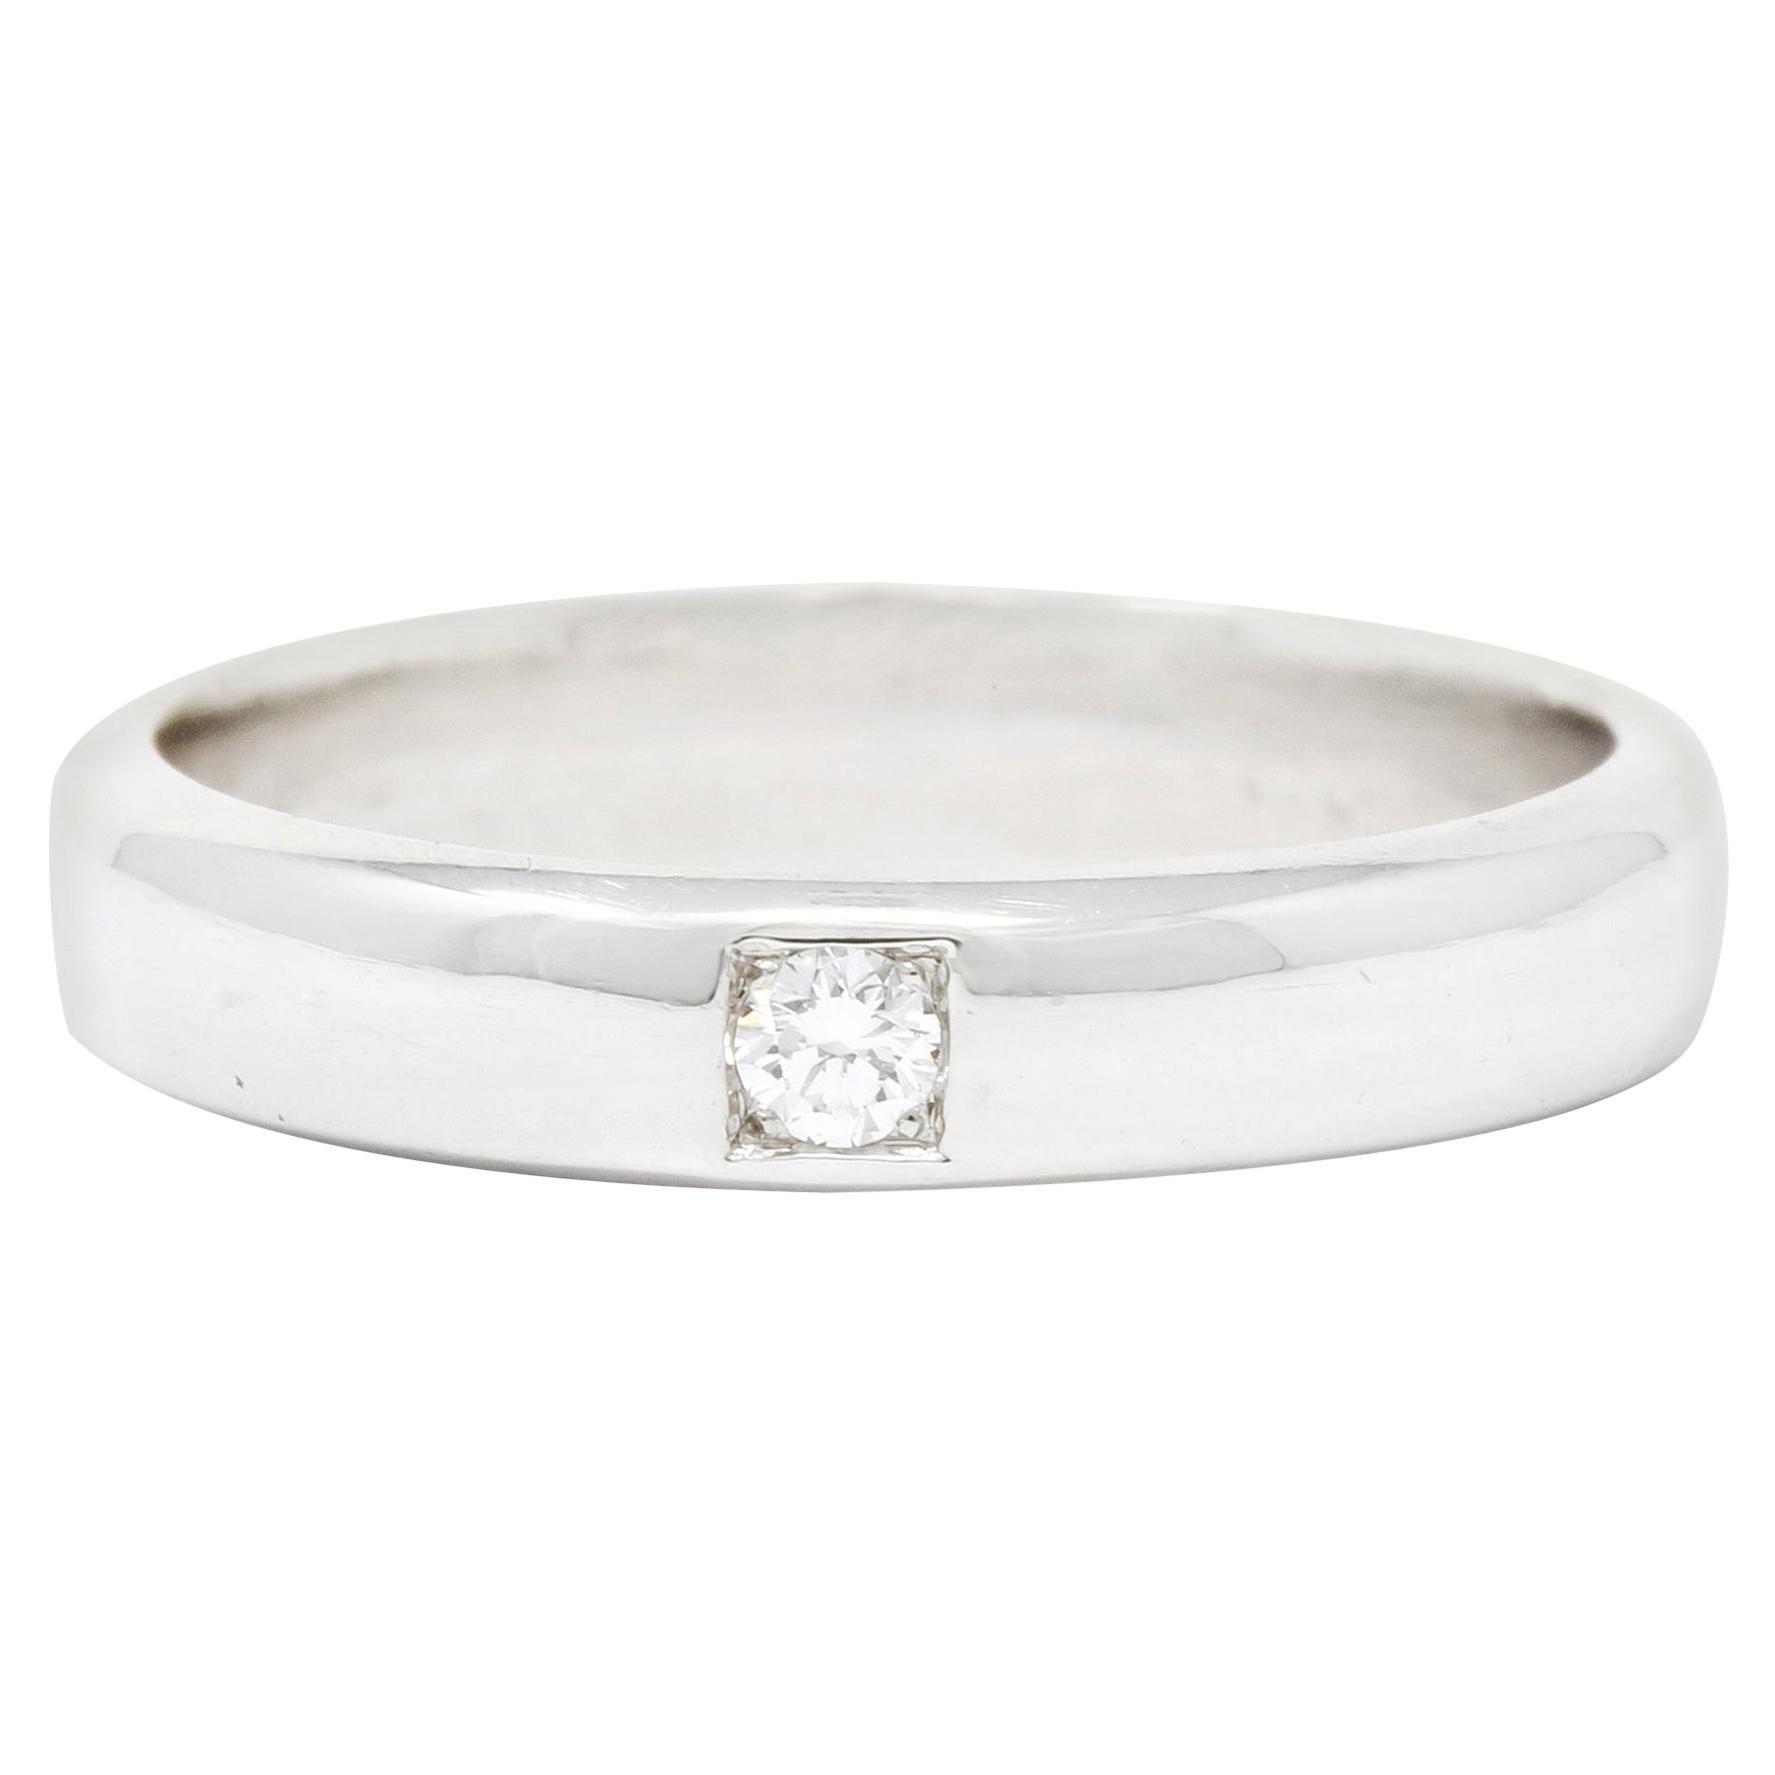 Vintage Diamond 18 Karat White Gold Wedding Band Ring, circa 1990